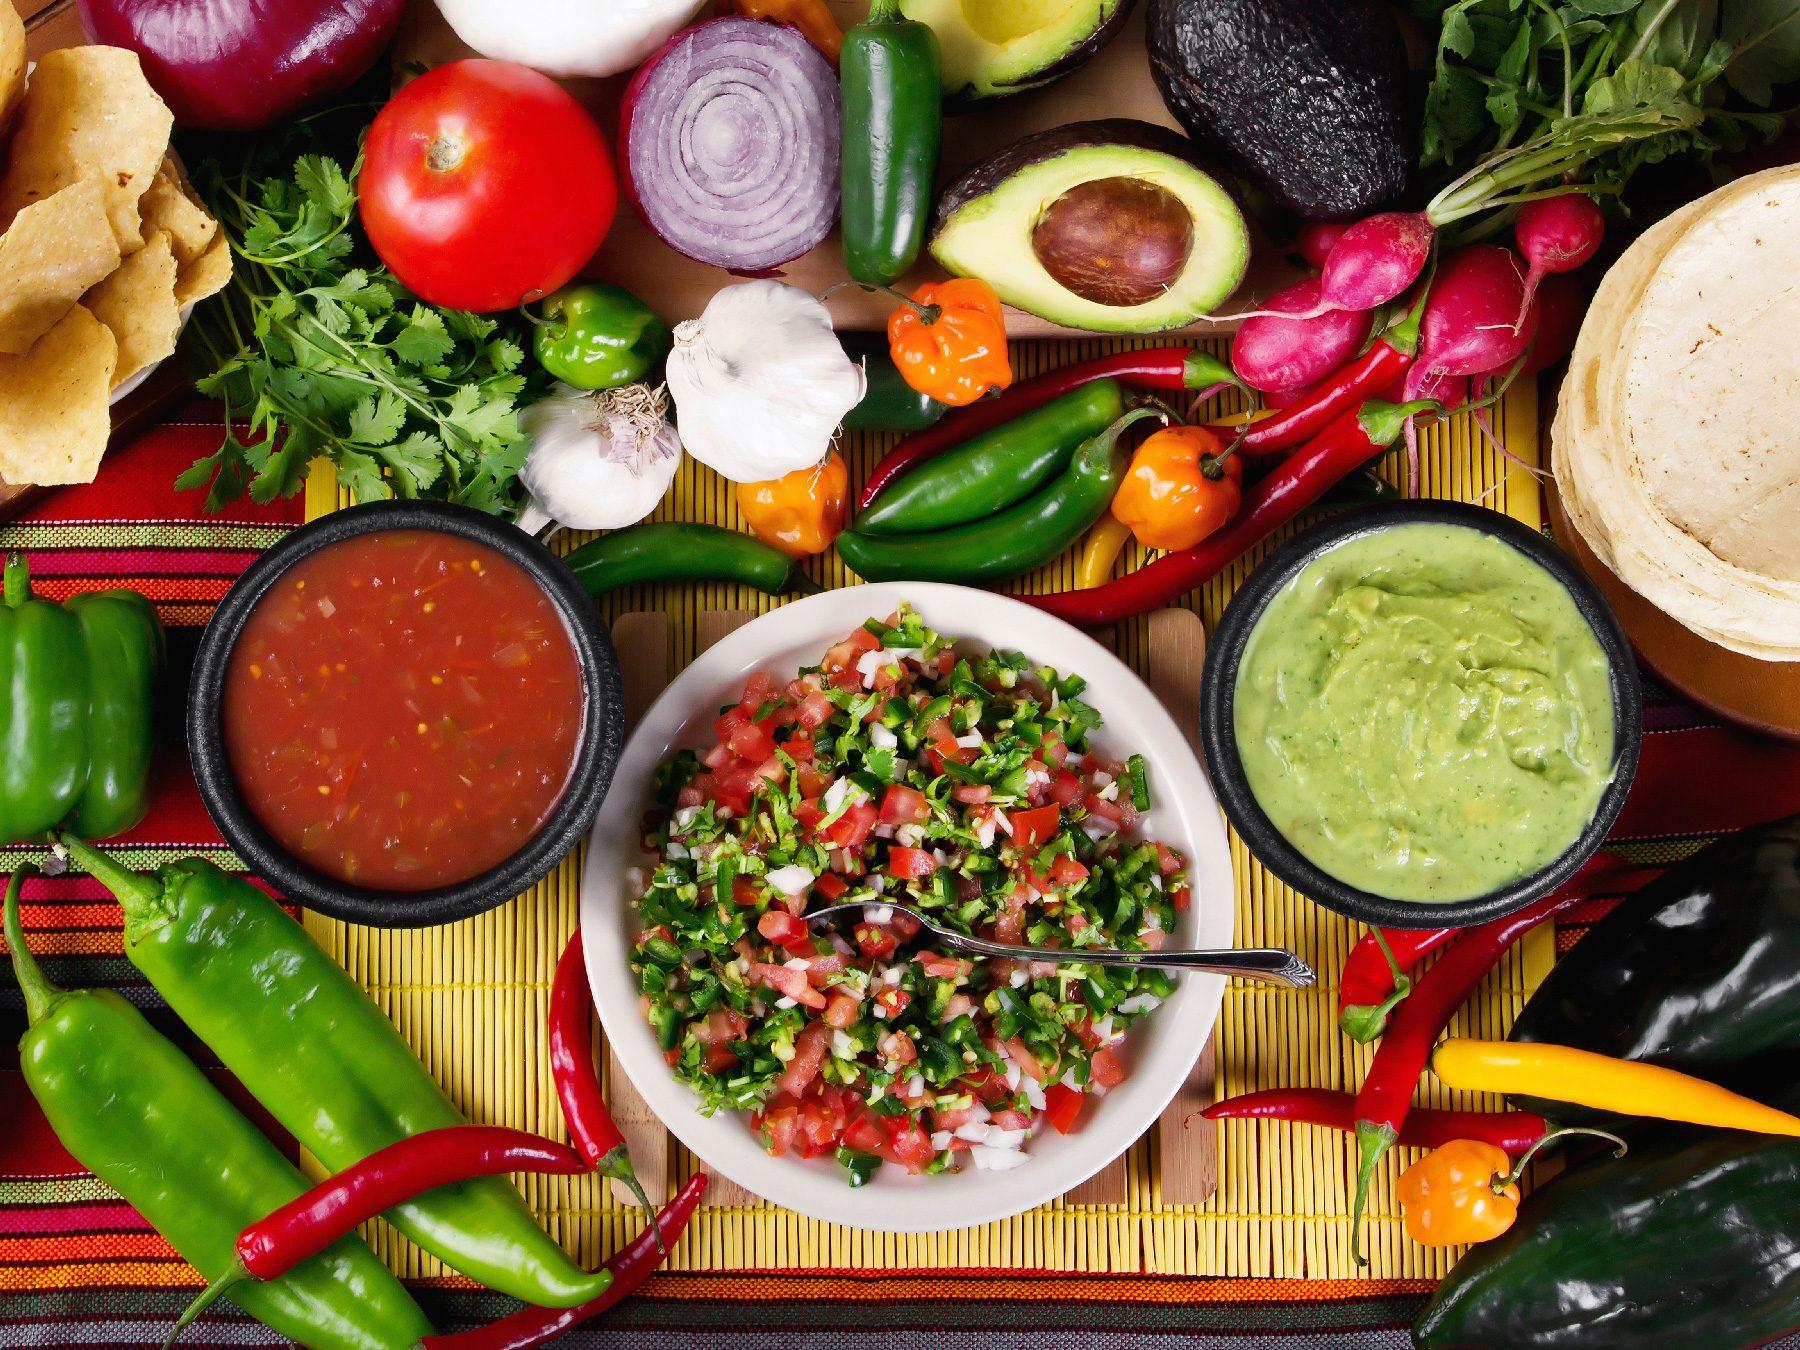 Make Lunch Bigger Than Dinner